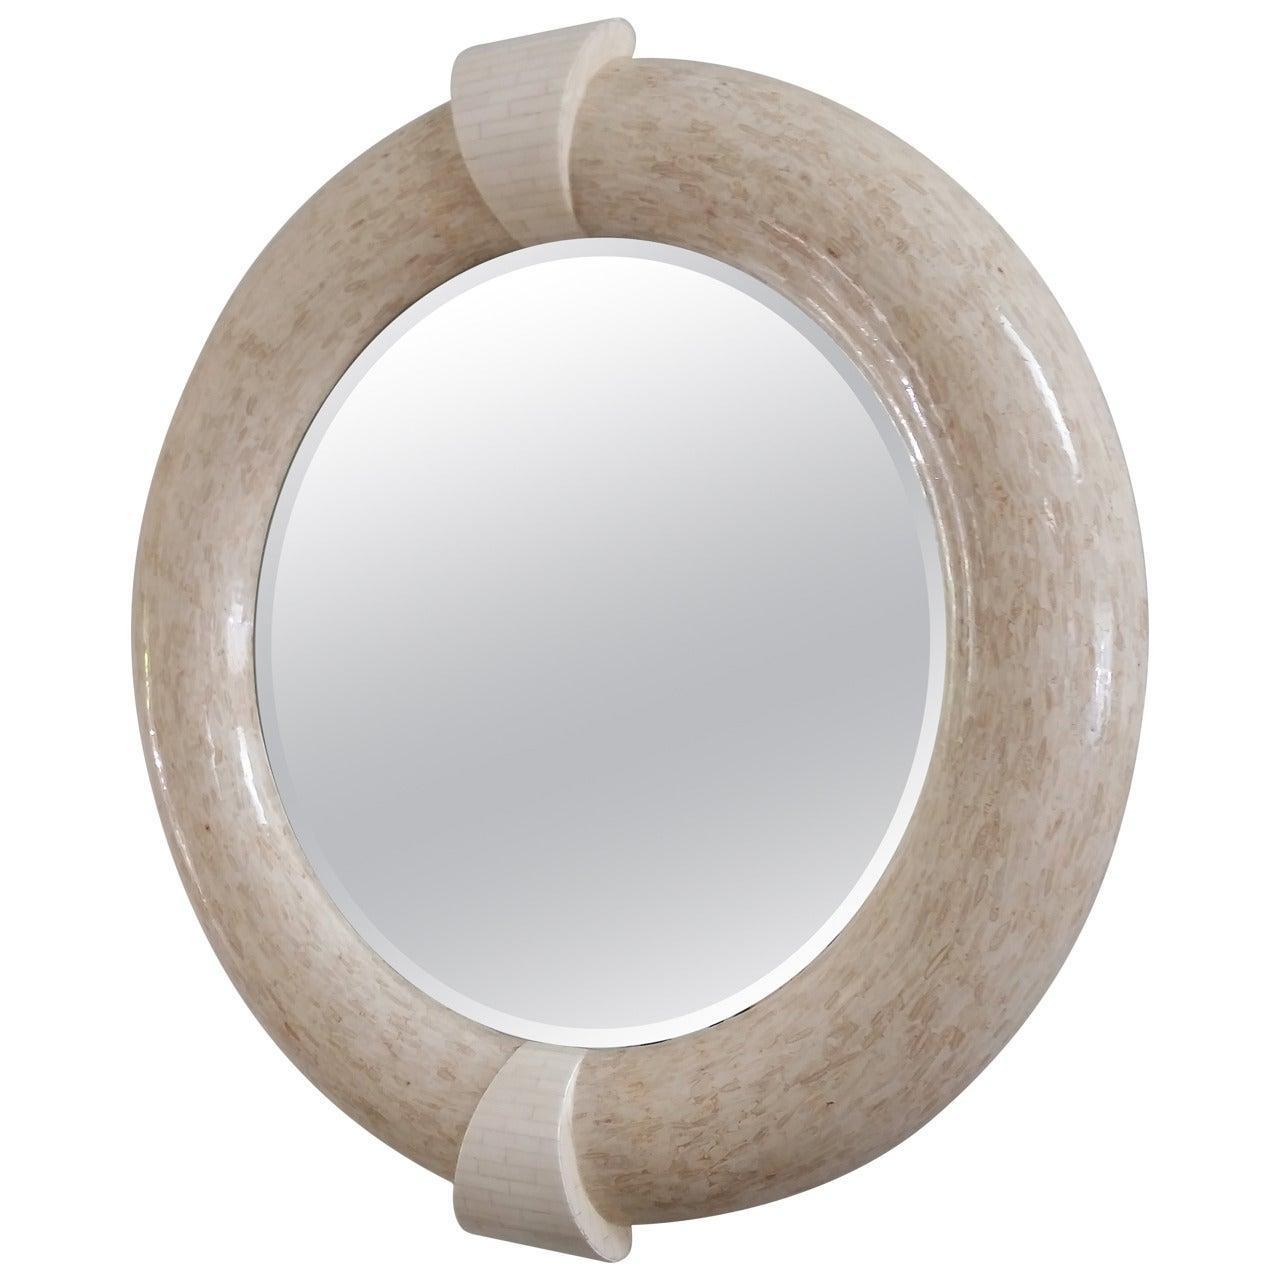 Karl Springer Style Tessellated Round Mirror